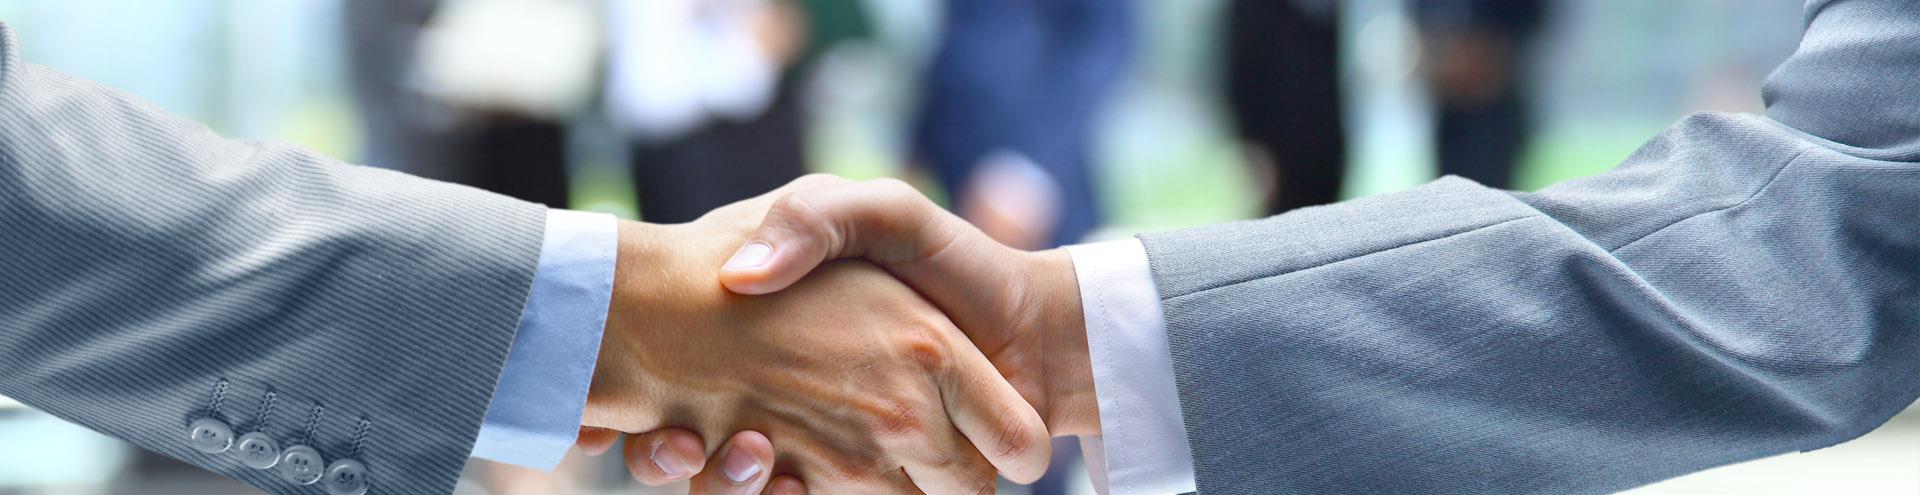 Защита деловой репутации в Рязани